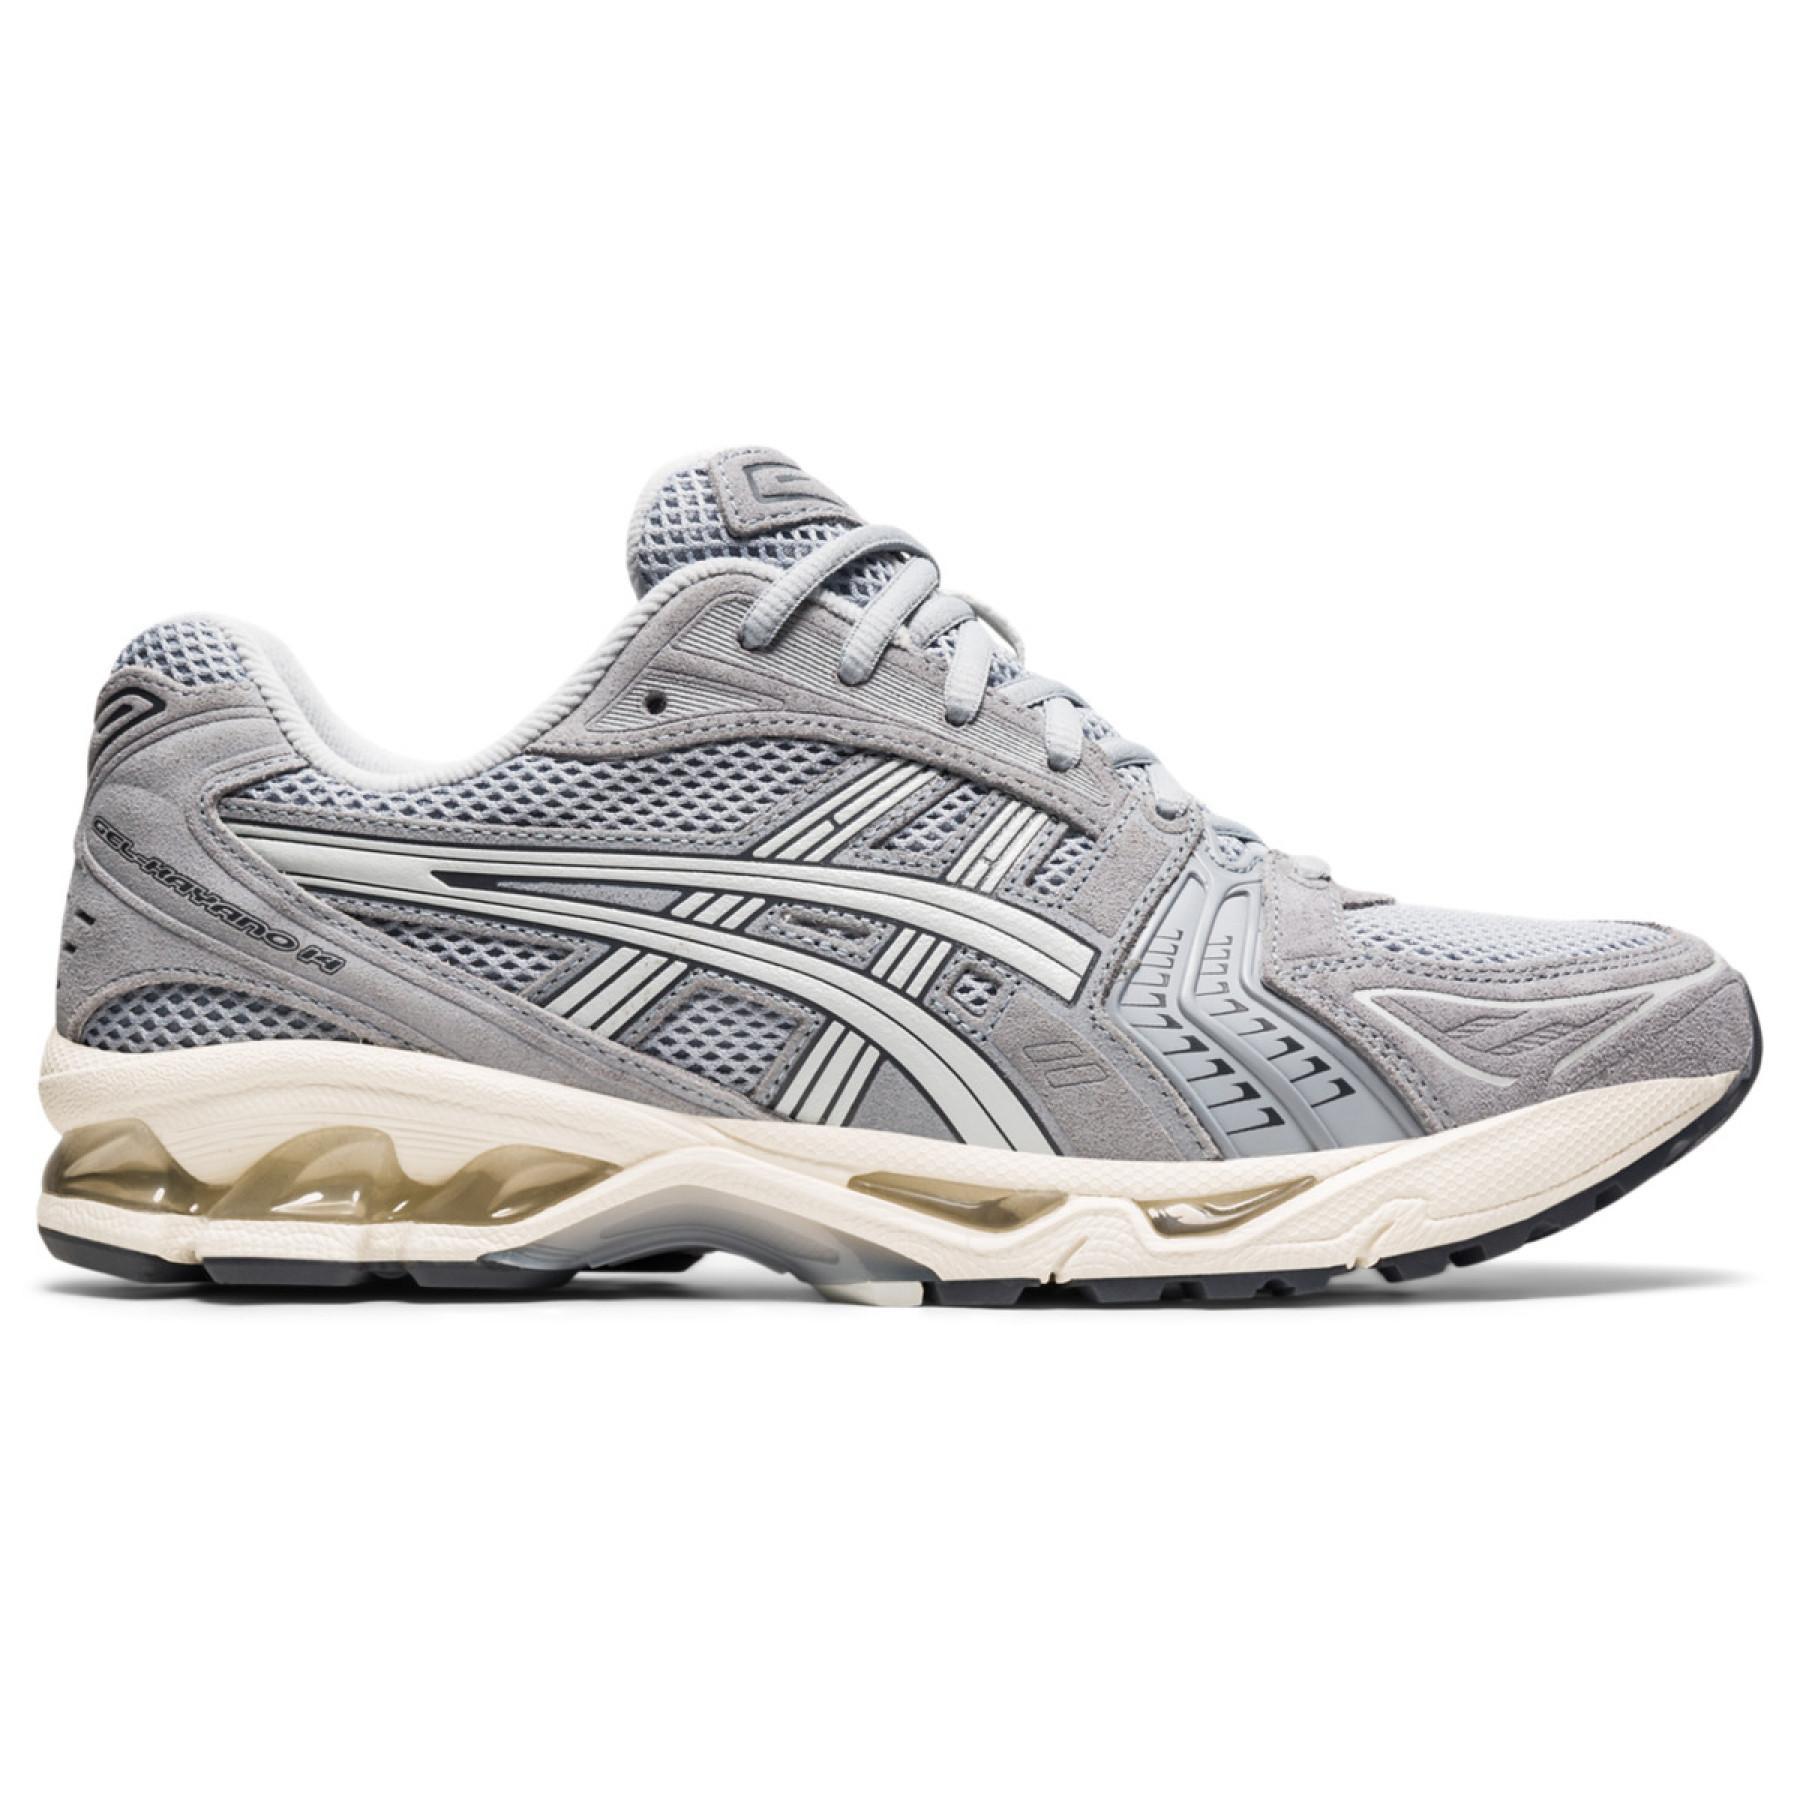 Asics Gel-Kayano 14 Shoes